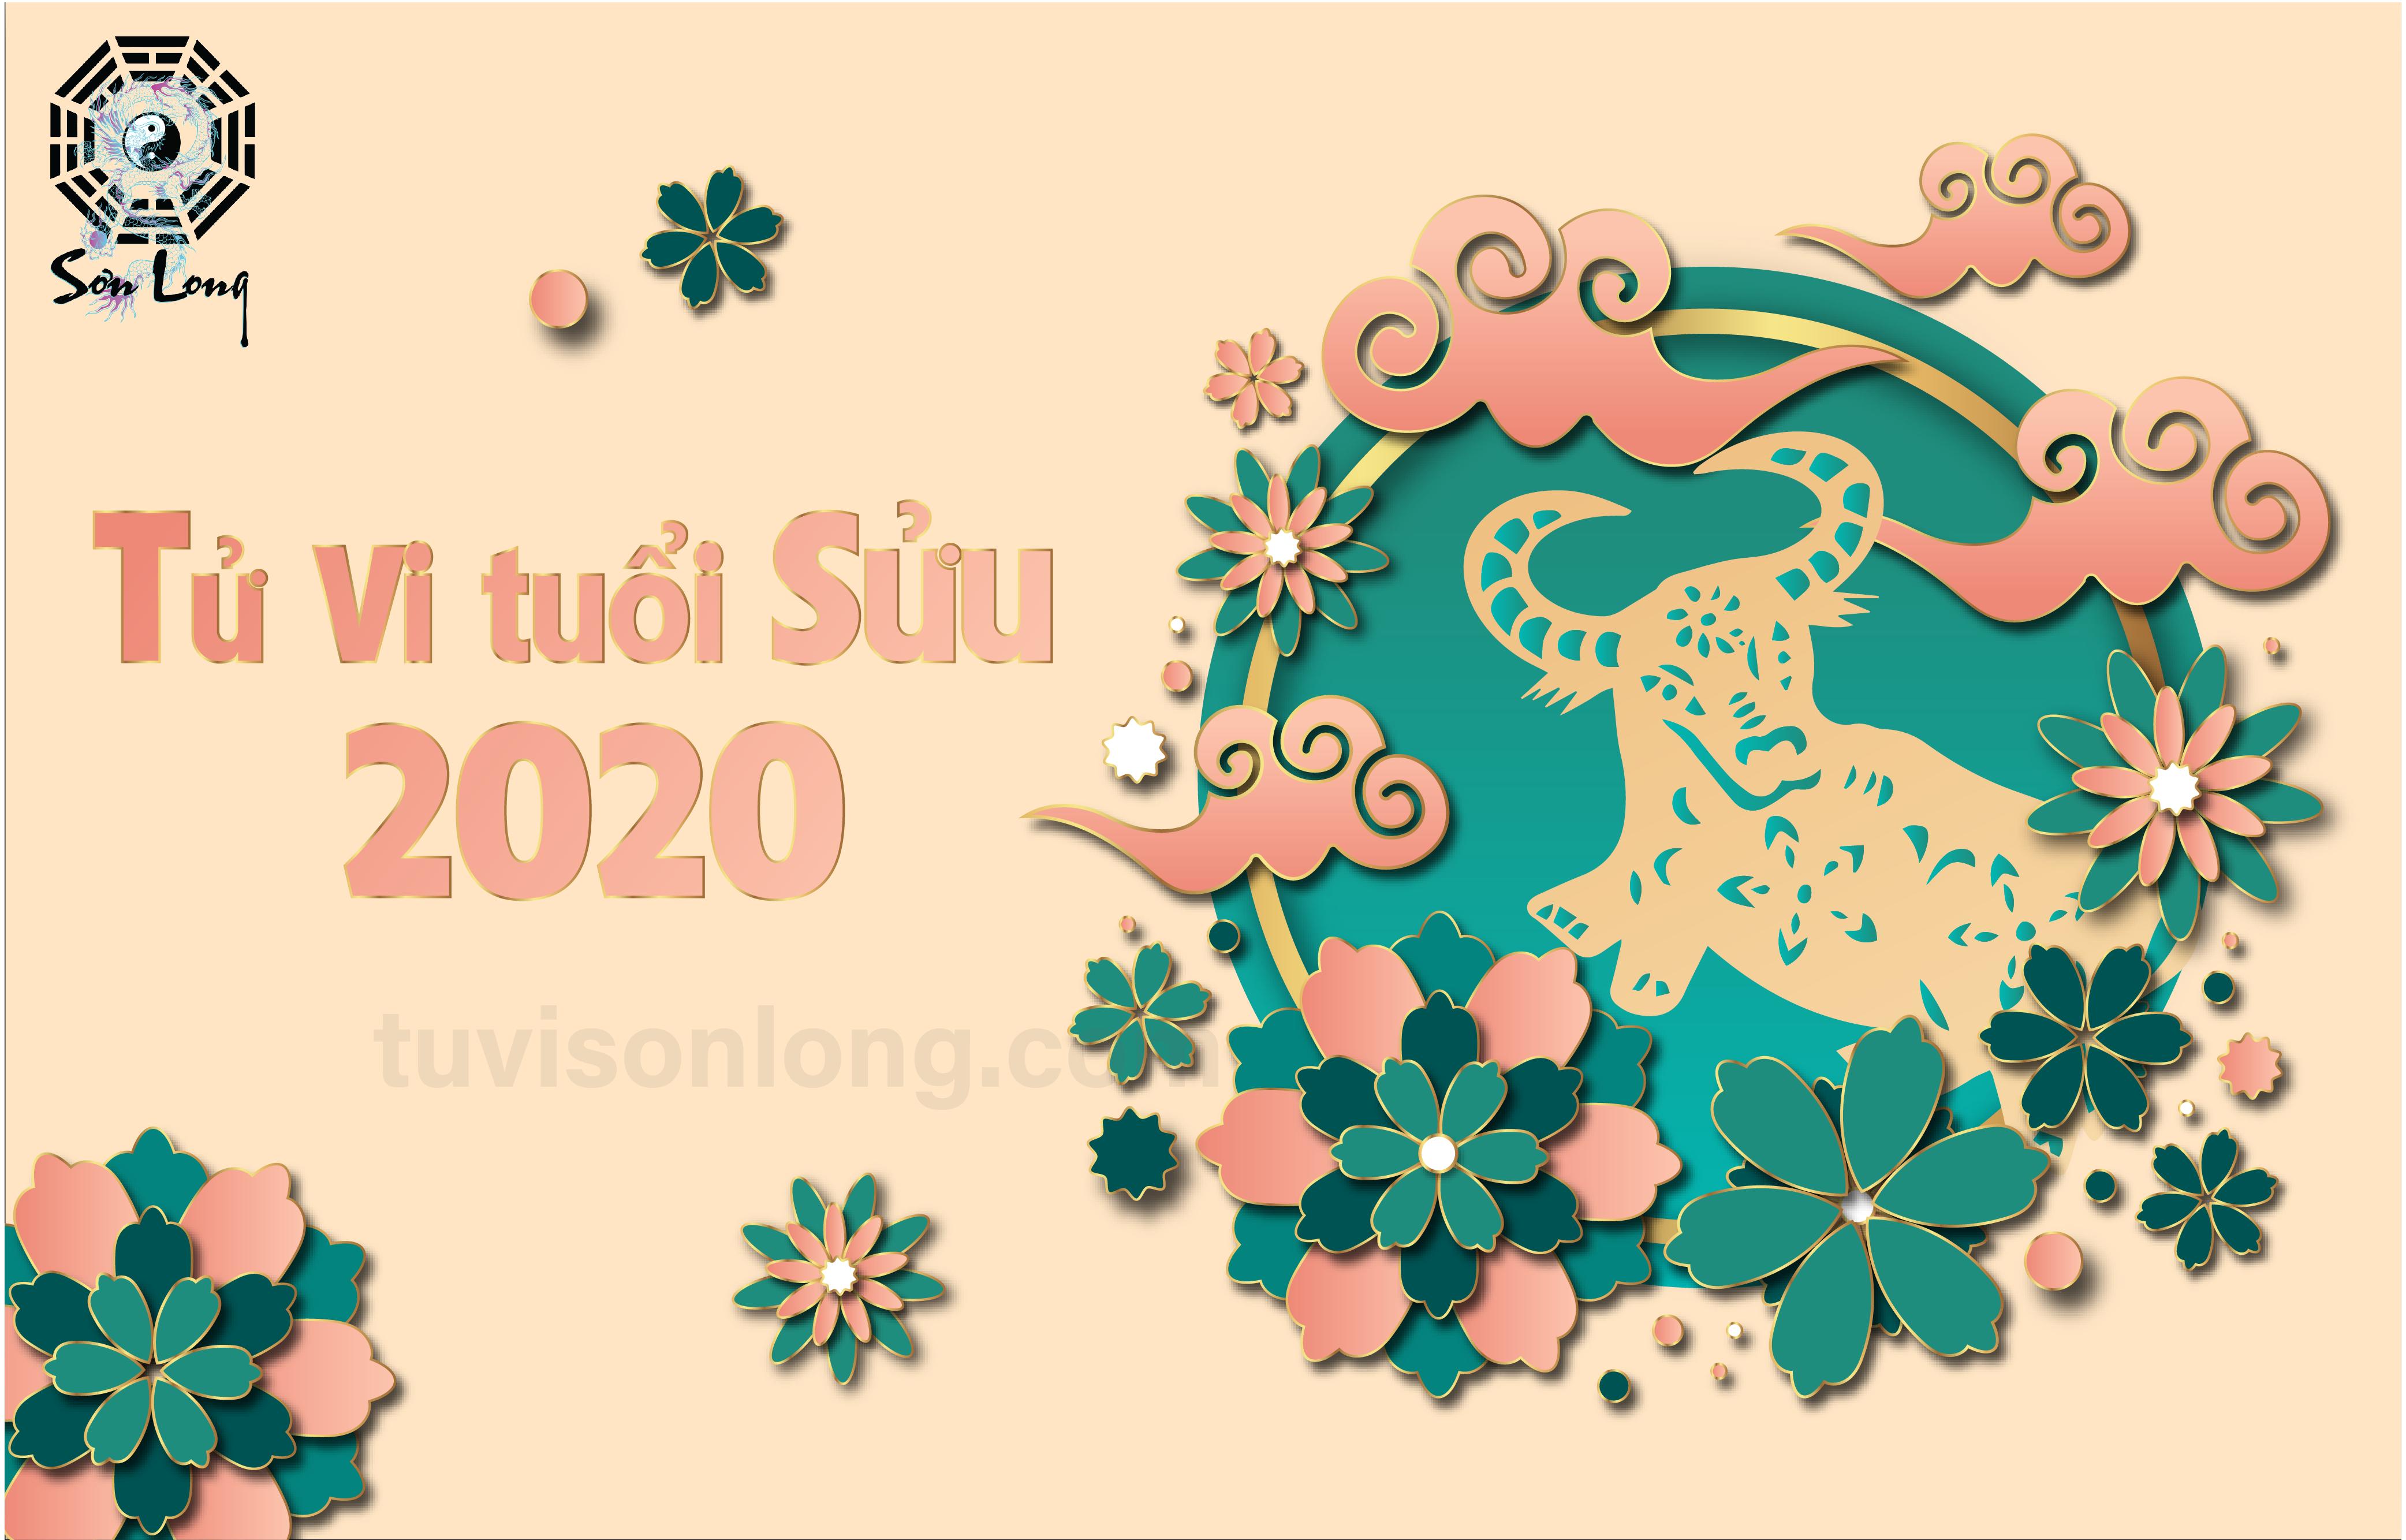 TỬ VI TUỔI SỬU NĂM 2020 – NGƯỠNG CỬA CUỘC ĐỜI